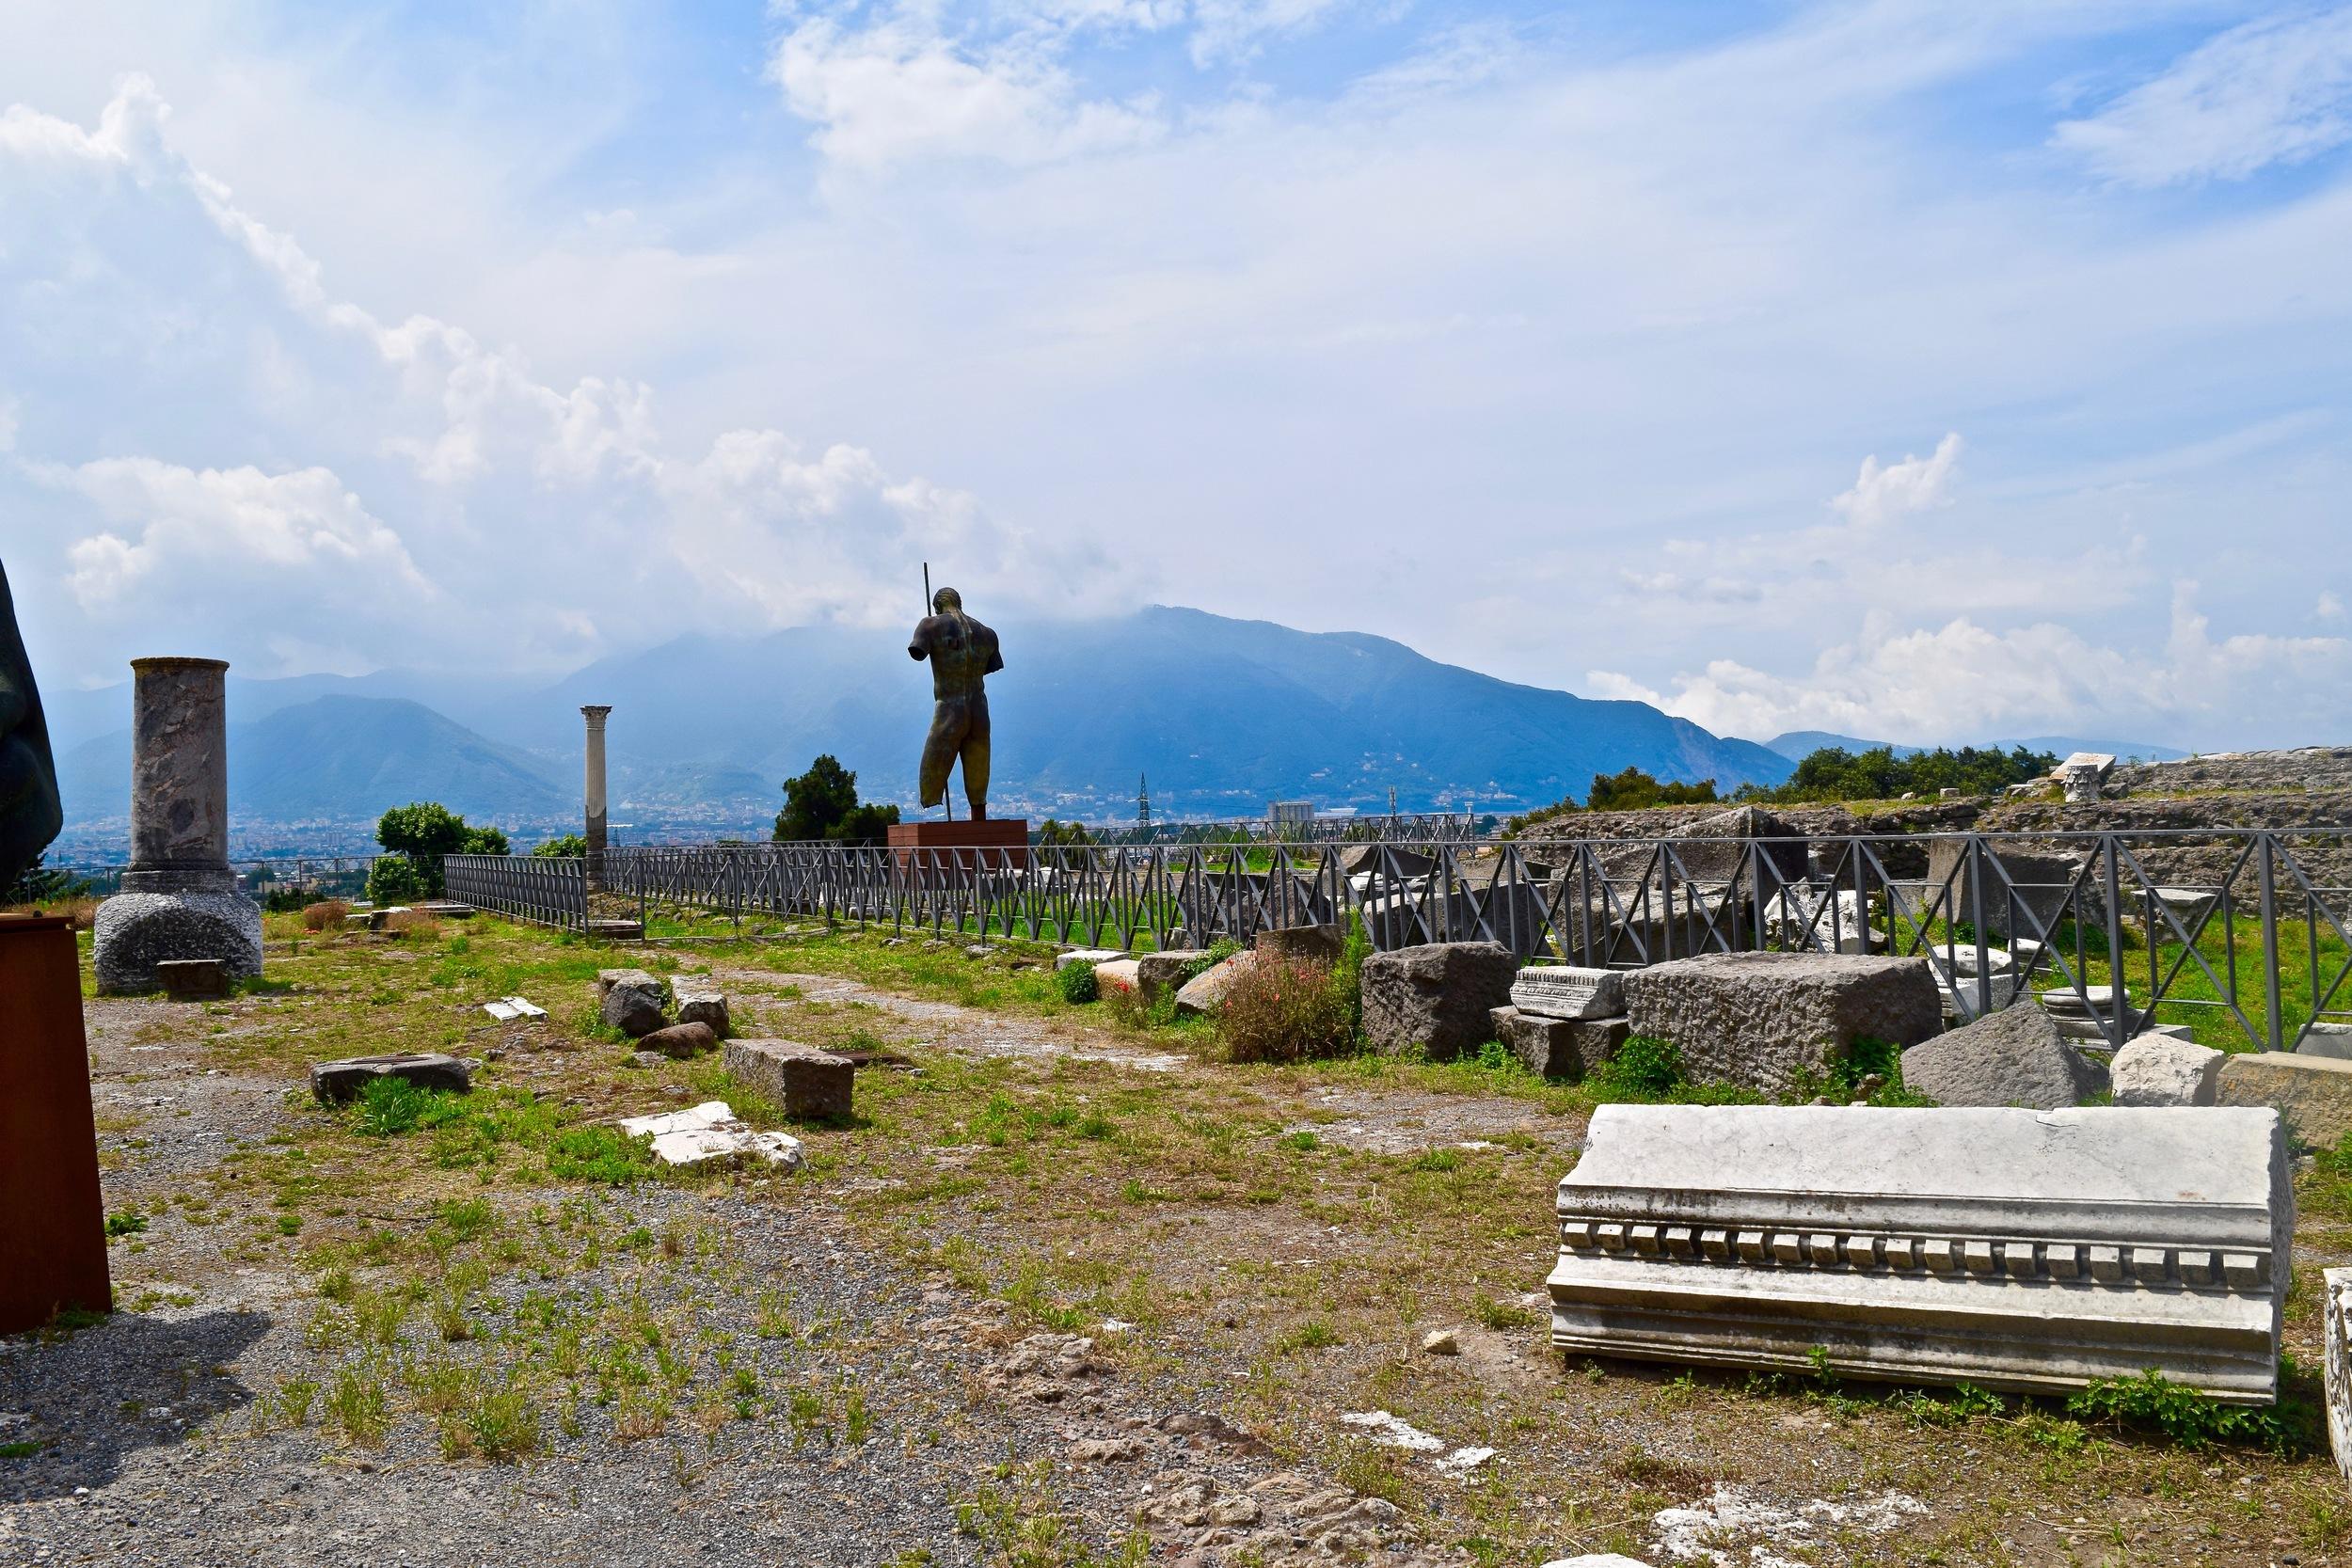 Ruins of Pompeii & Mount Vesuvius